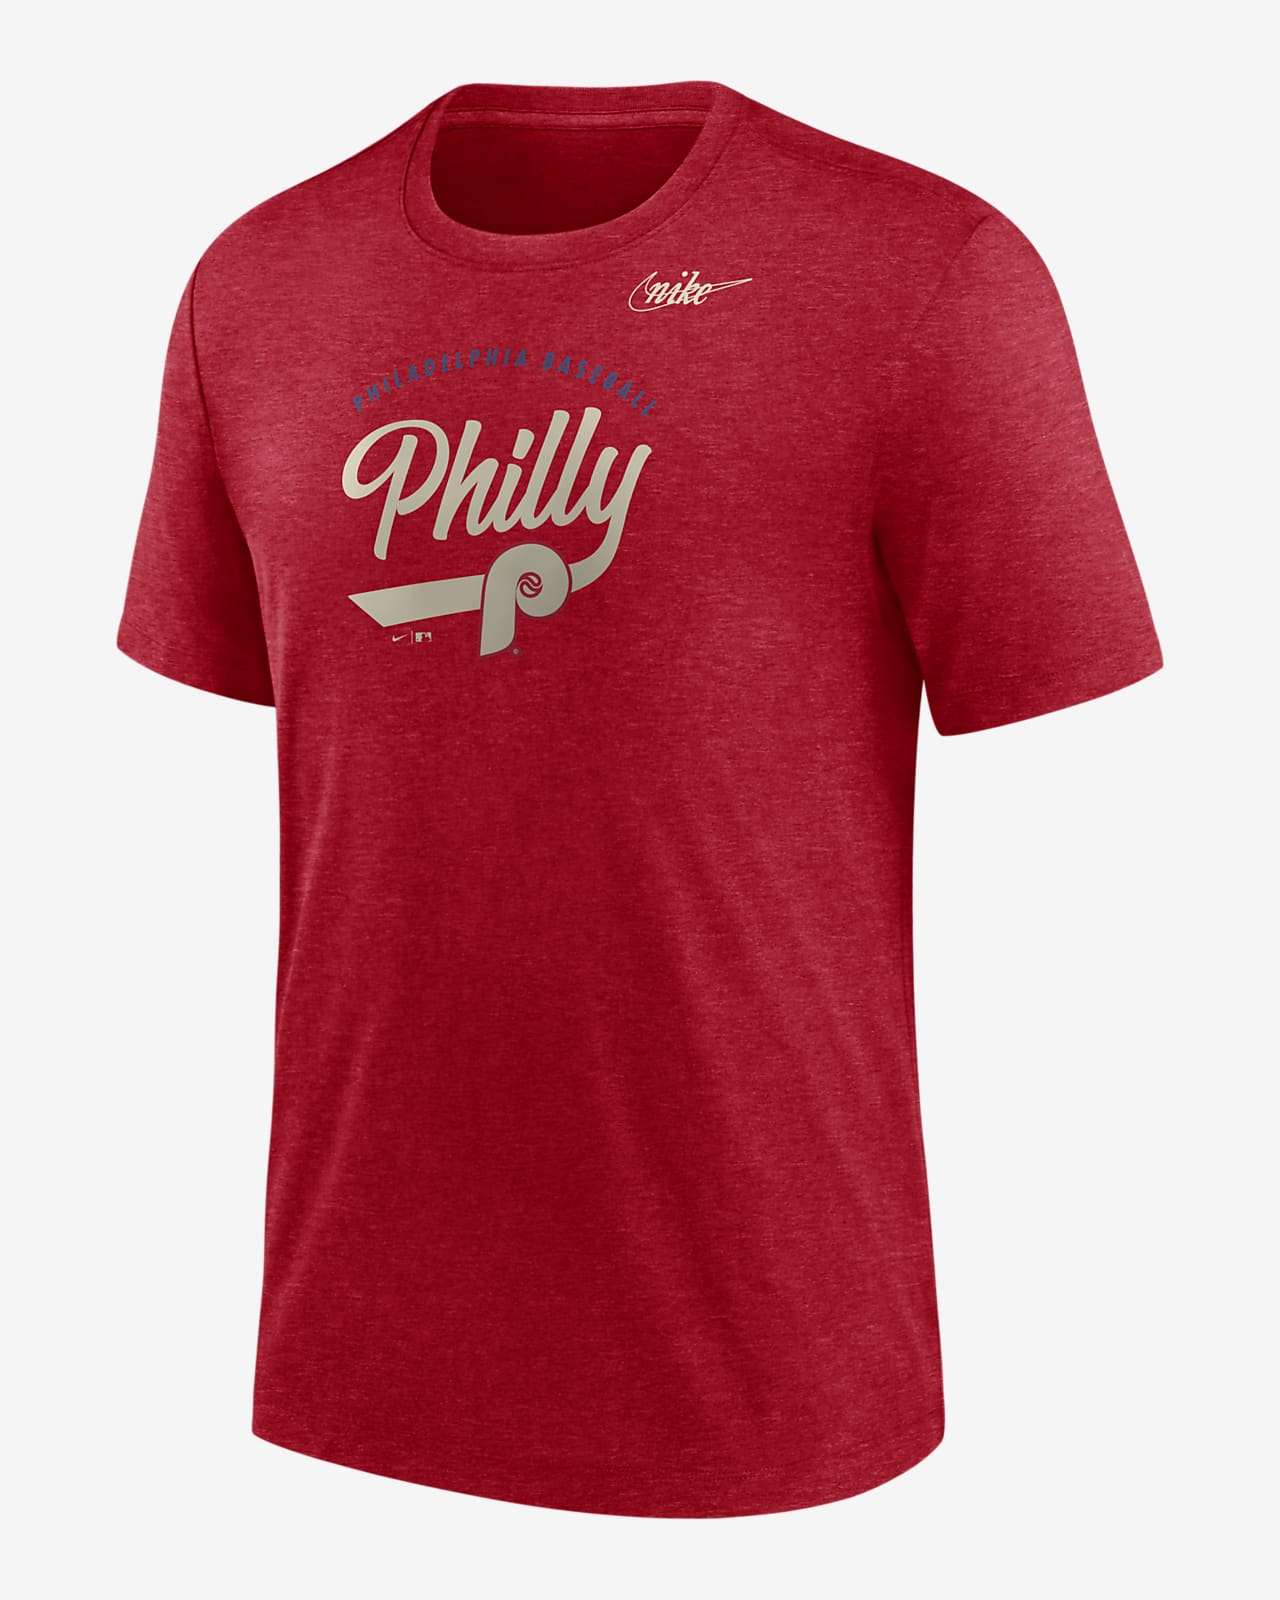 Nike Cooperstown Nickname (MLB Philadelphia Phillies) Men's T-Shirt